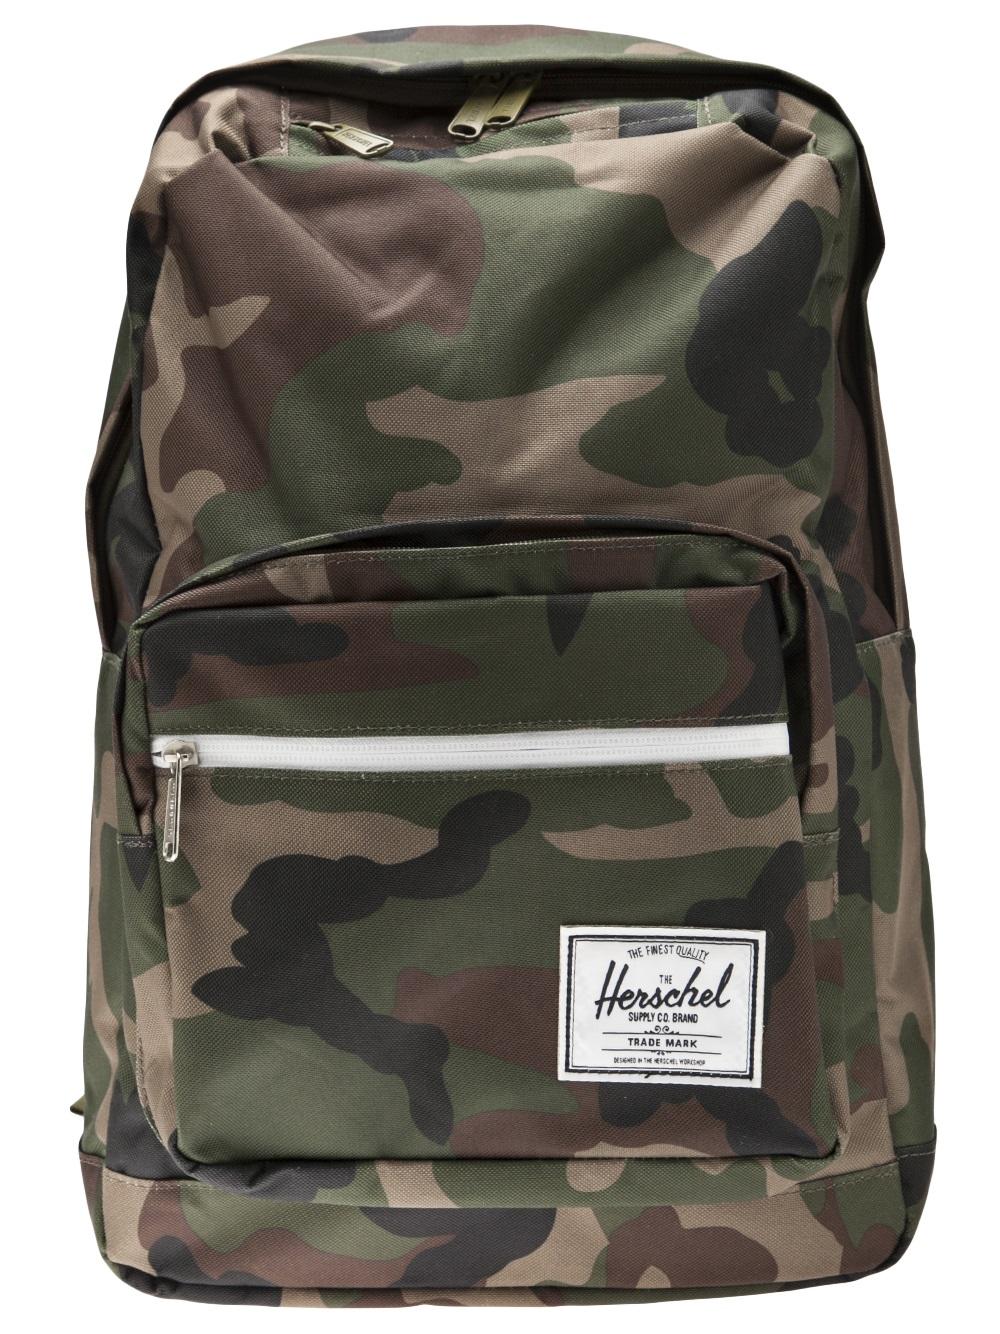 219fc51c300 Herschel Supply Co. Herschel Supply Co Pop Quiz Backpack in Green ...